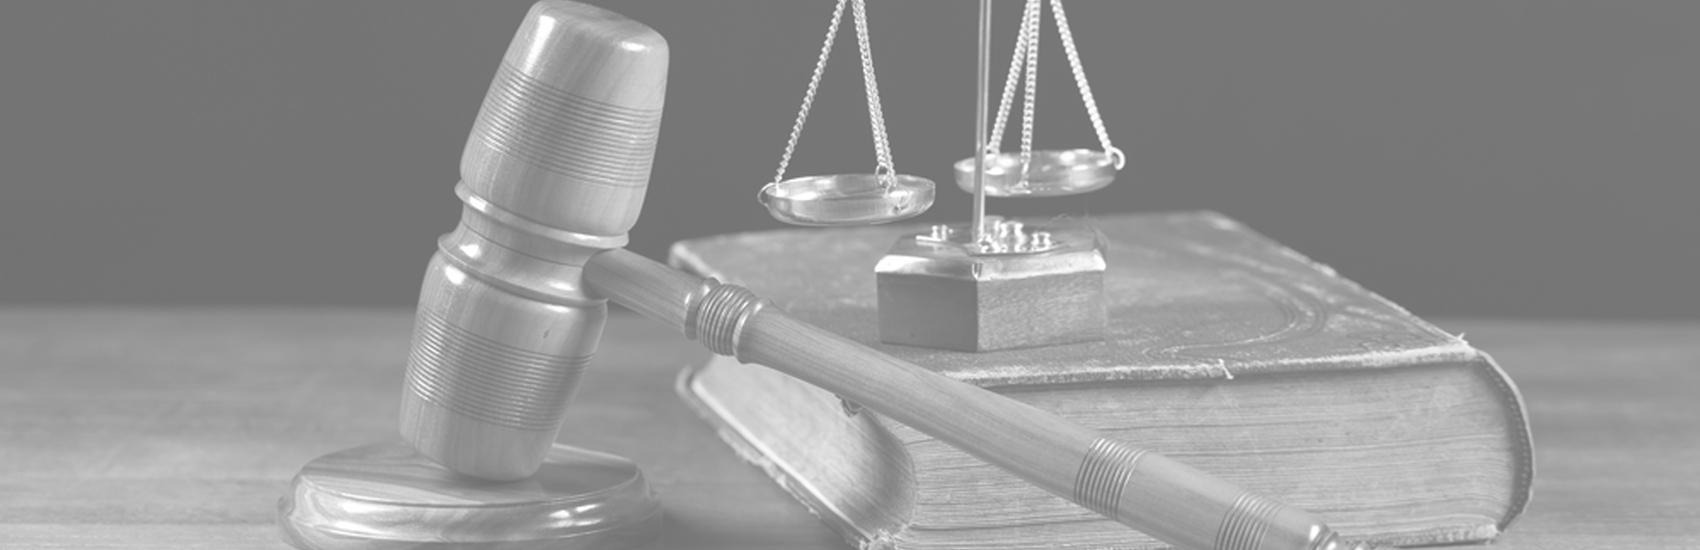 Actos Lawsuit 2015